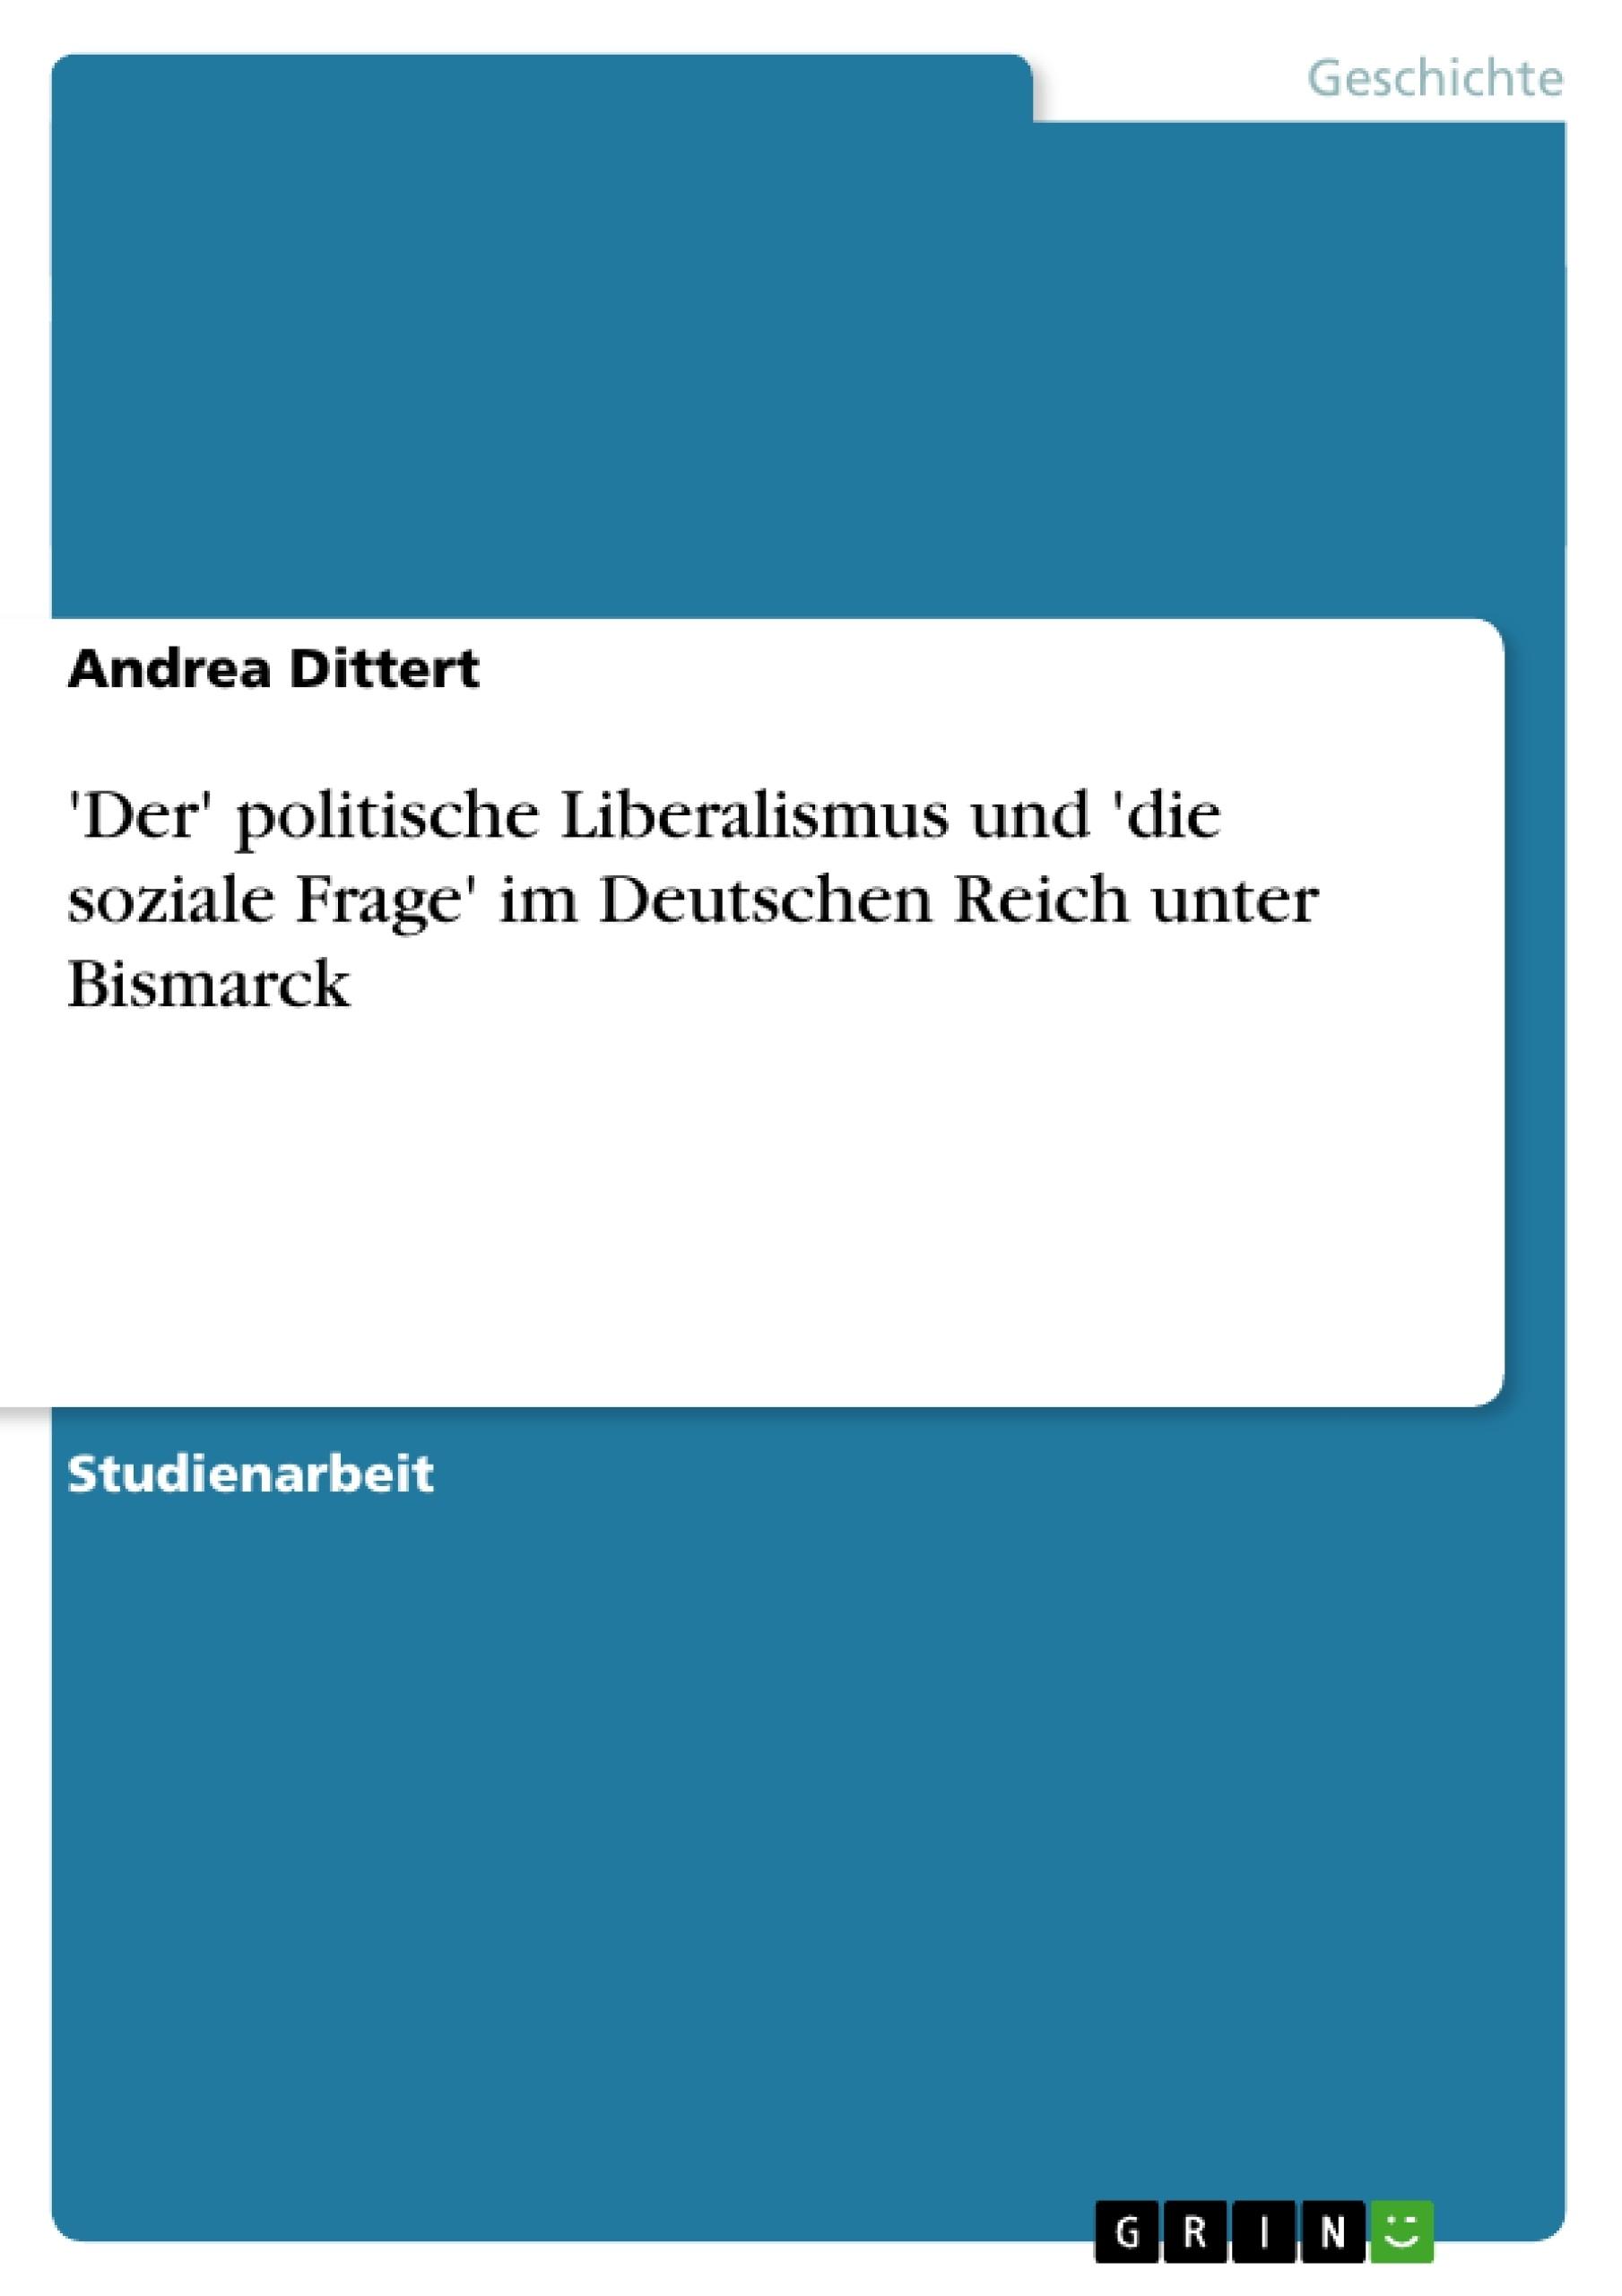 Titel: 'Der' politische Liberalismus und 'die soziale Frage' im Deutschen Reich unter Bismarck